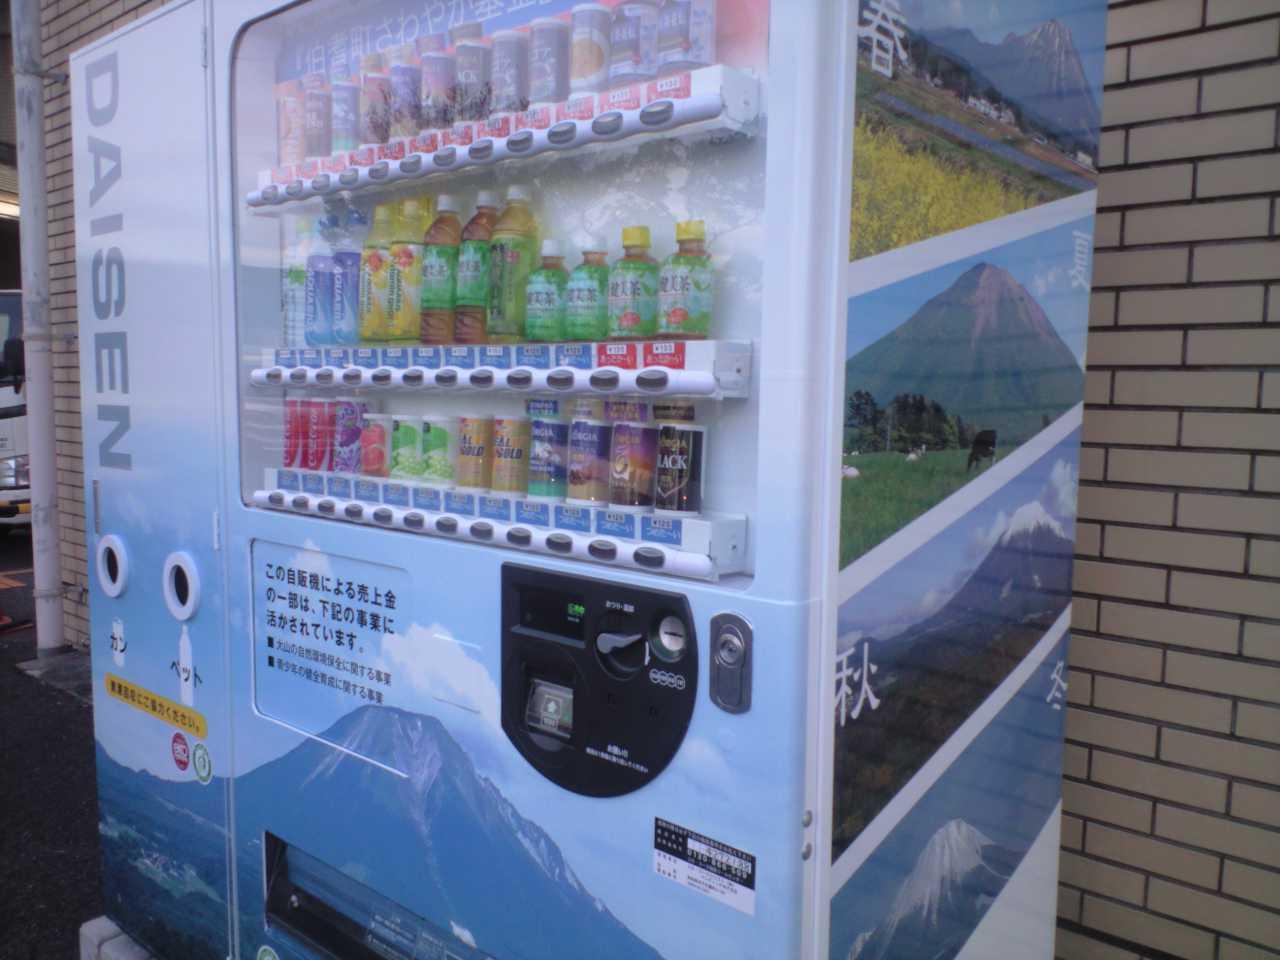 大山な感じの自販機